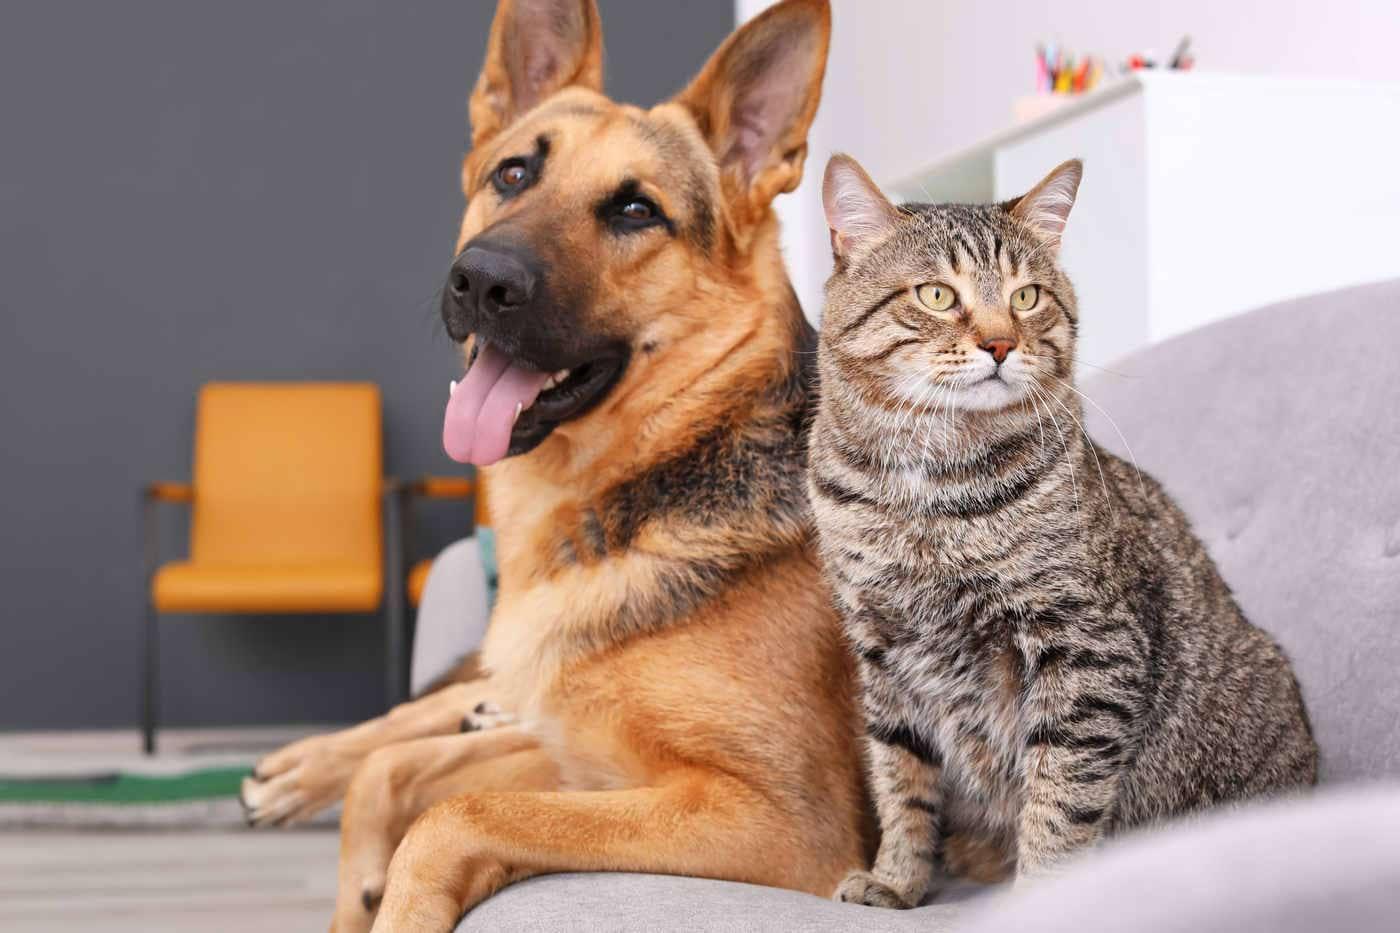 Animalele de companie reduc stresul și anxietatea